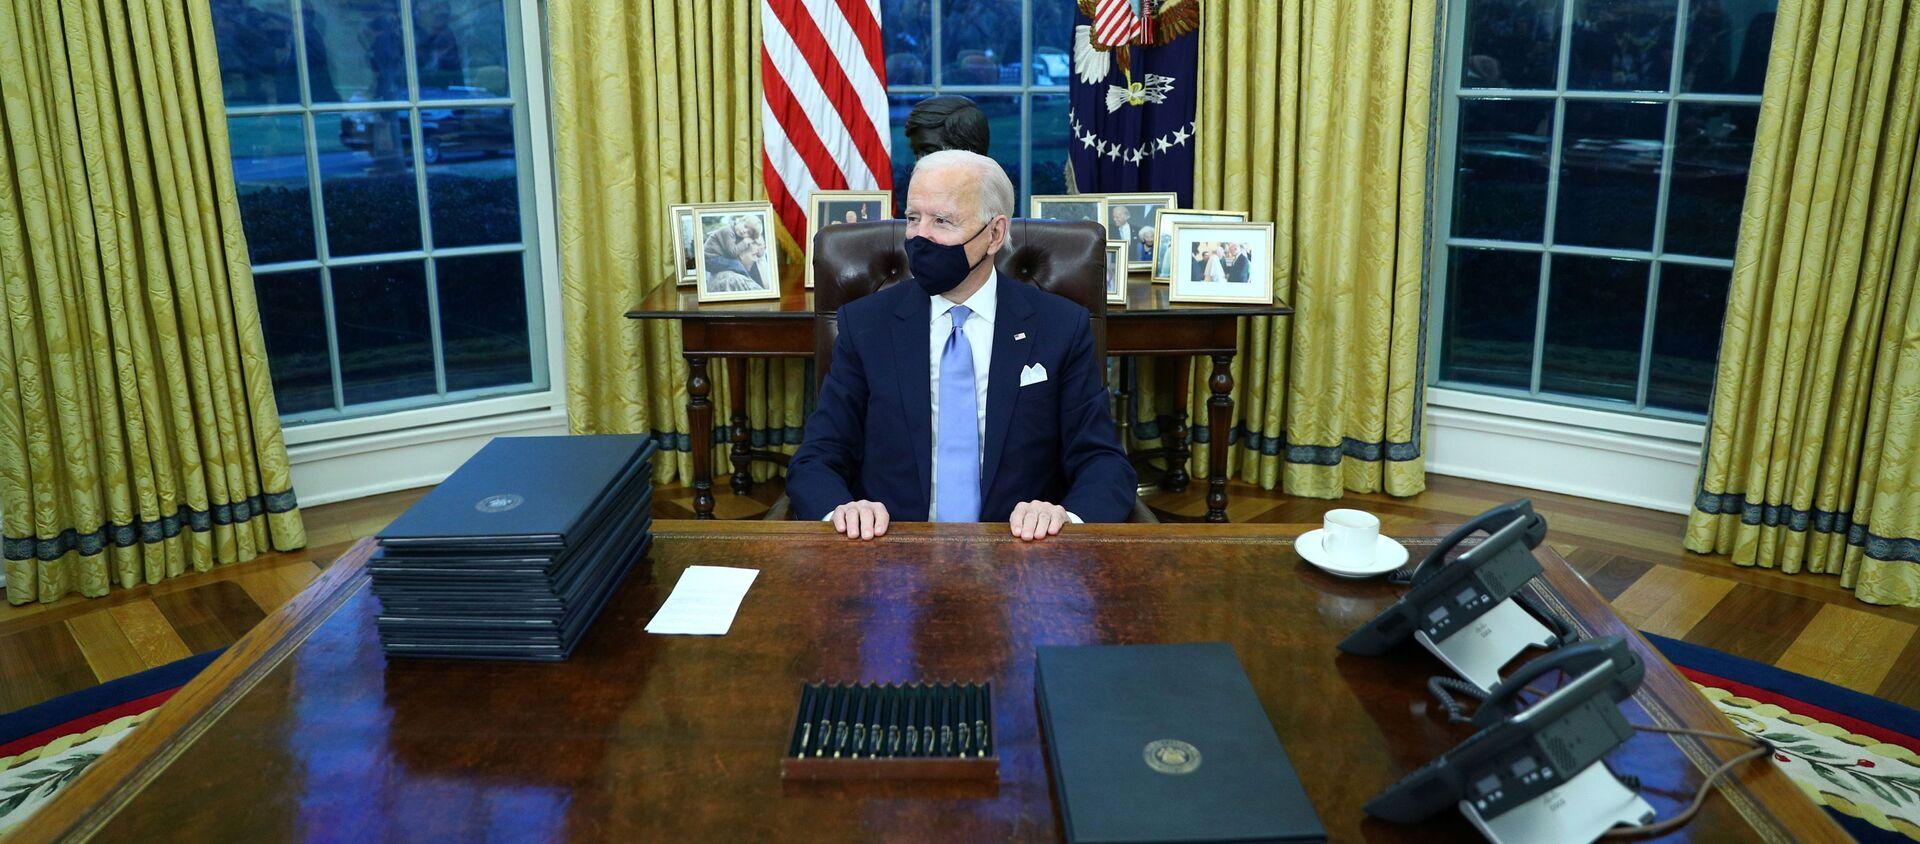 Prezydent USA Joe Biden w Gabinecie Owalnym w Białym Domu - Sputnik Polska, 1920, 14.04.2021